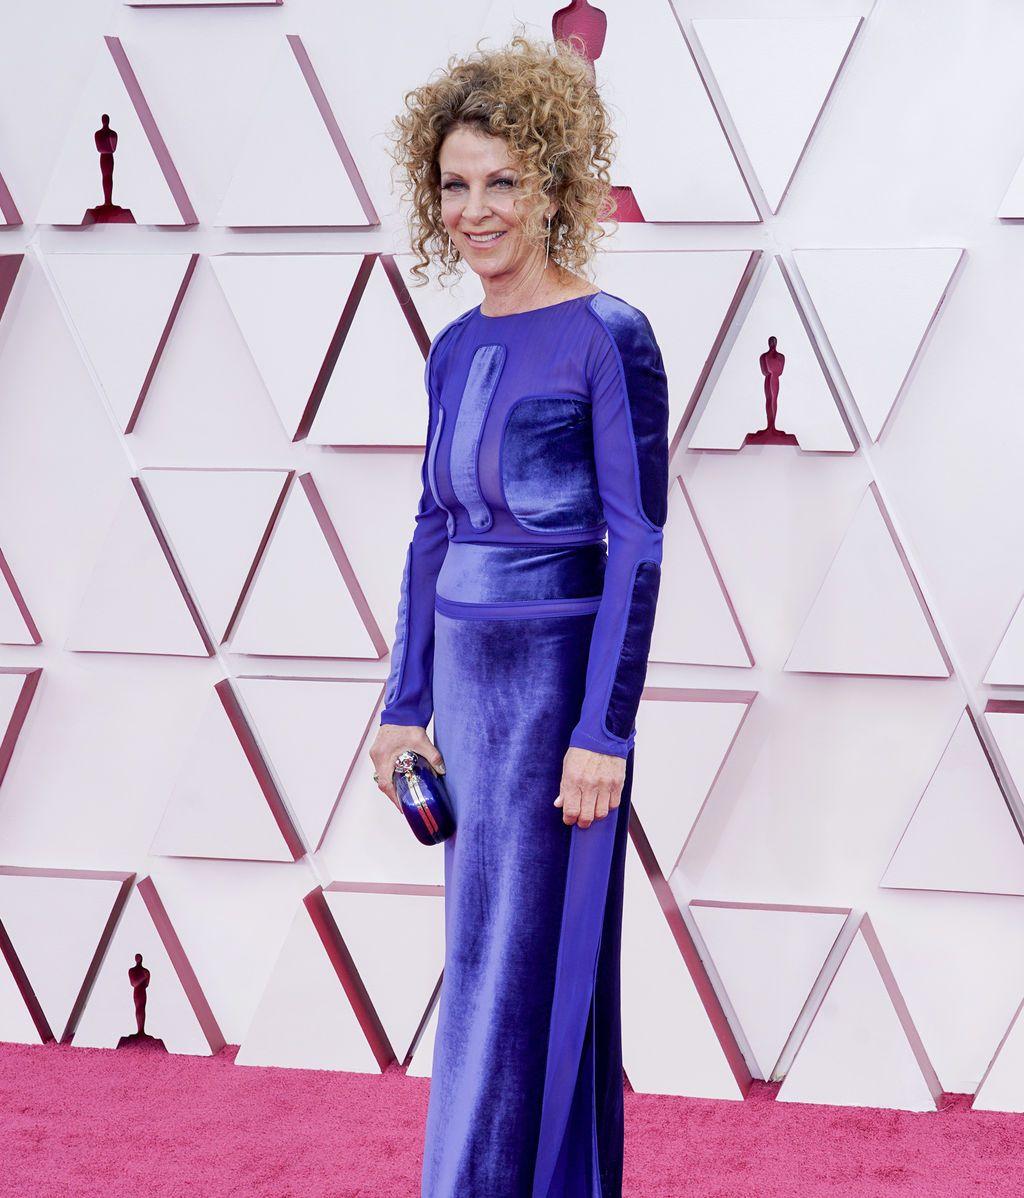 Colleen LaBaff desfila en la alfombra roja de Union Station, la estación de autobuses de Los Ángeles, una de las sedes donde tiene lugar la gala de los Premios Oscars 2021